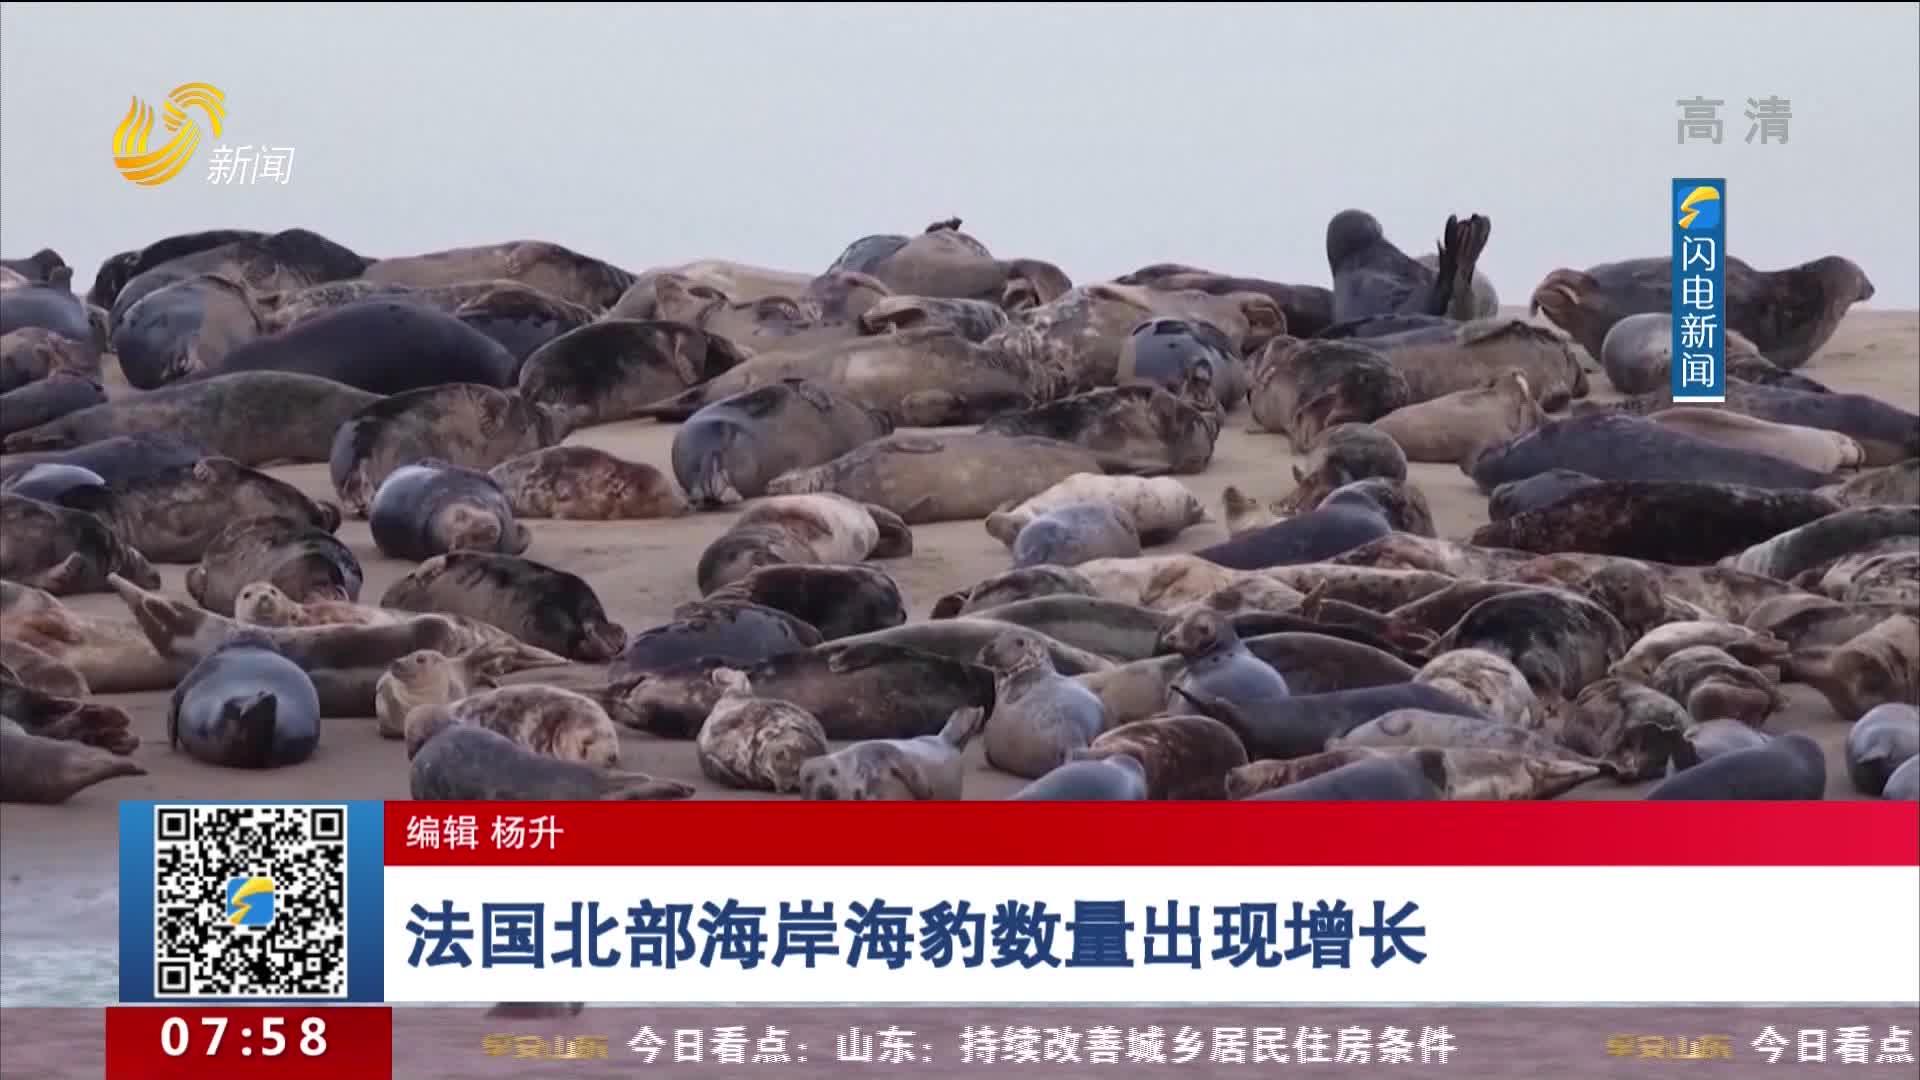 法国北部海岸海豹数量出现增长